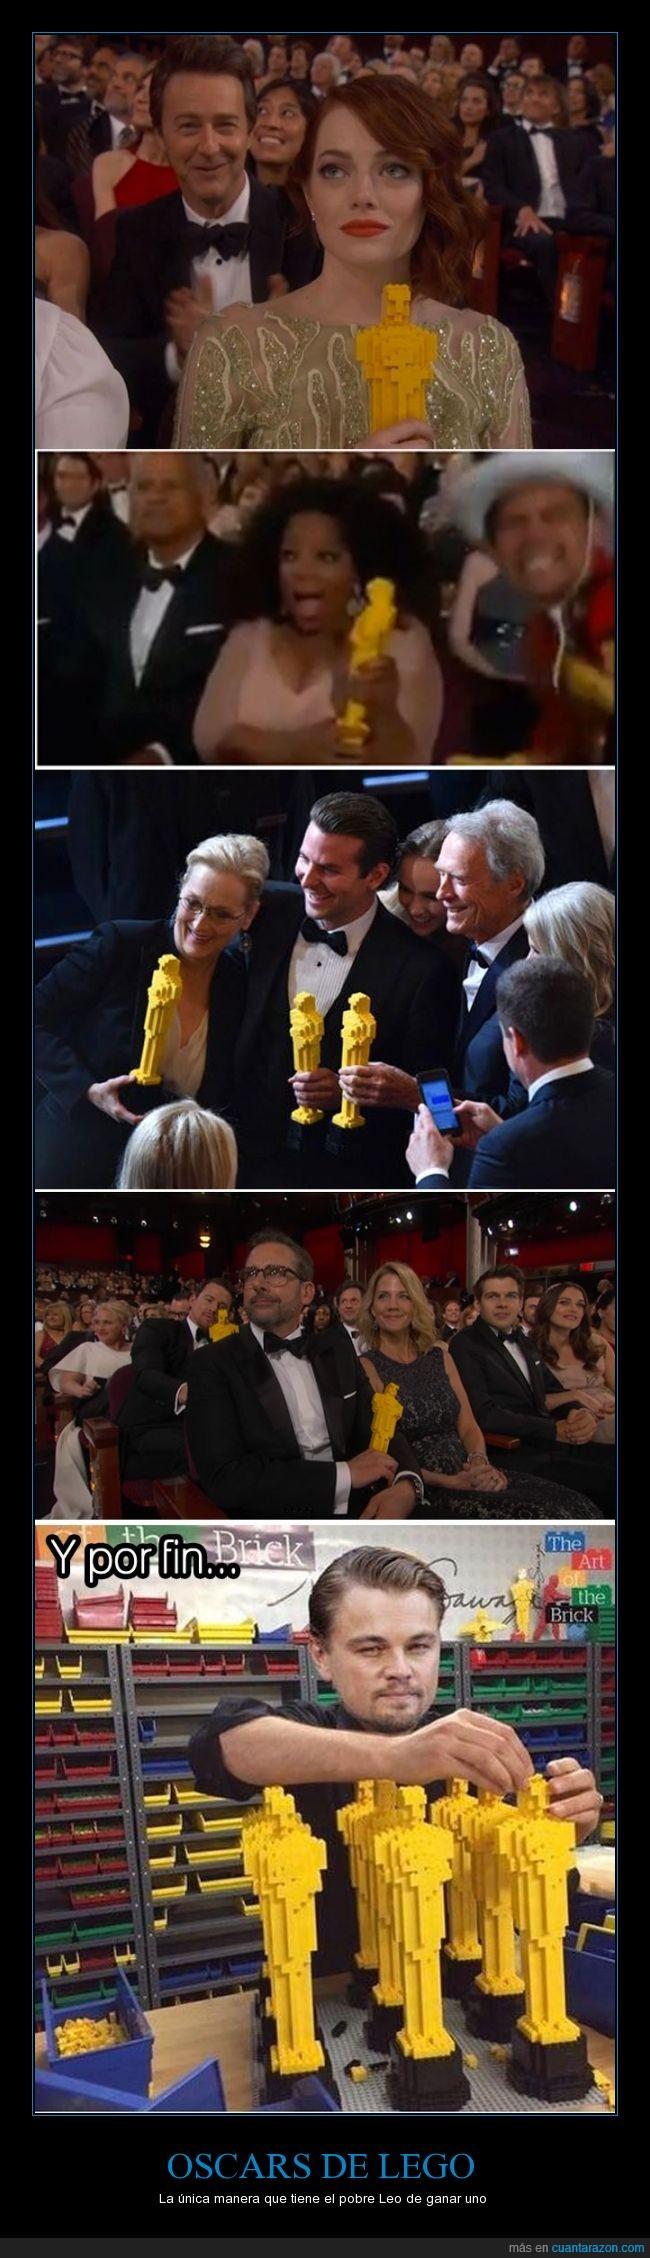 emma stone,lego,Leonardo DiCaprio,oprah,oscars,oscars 2015